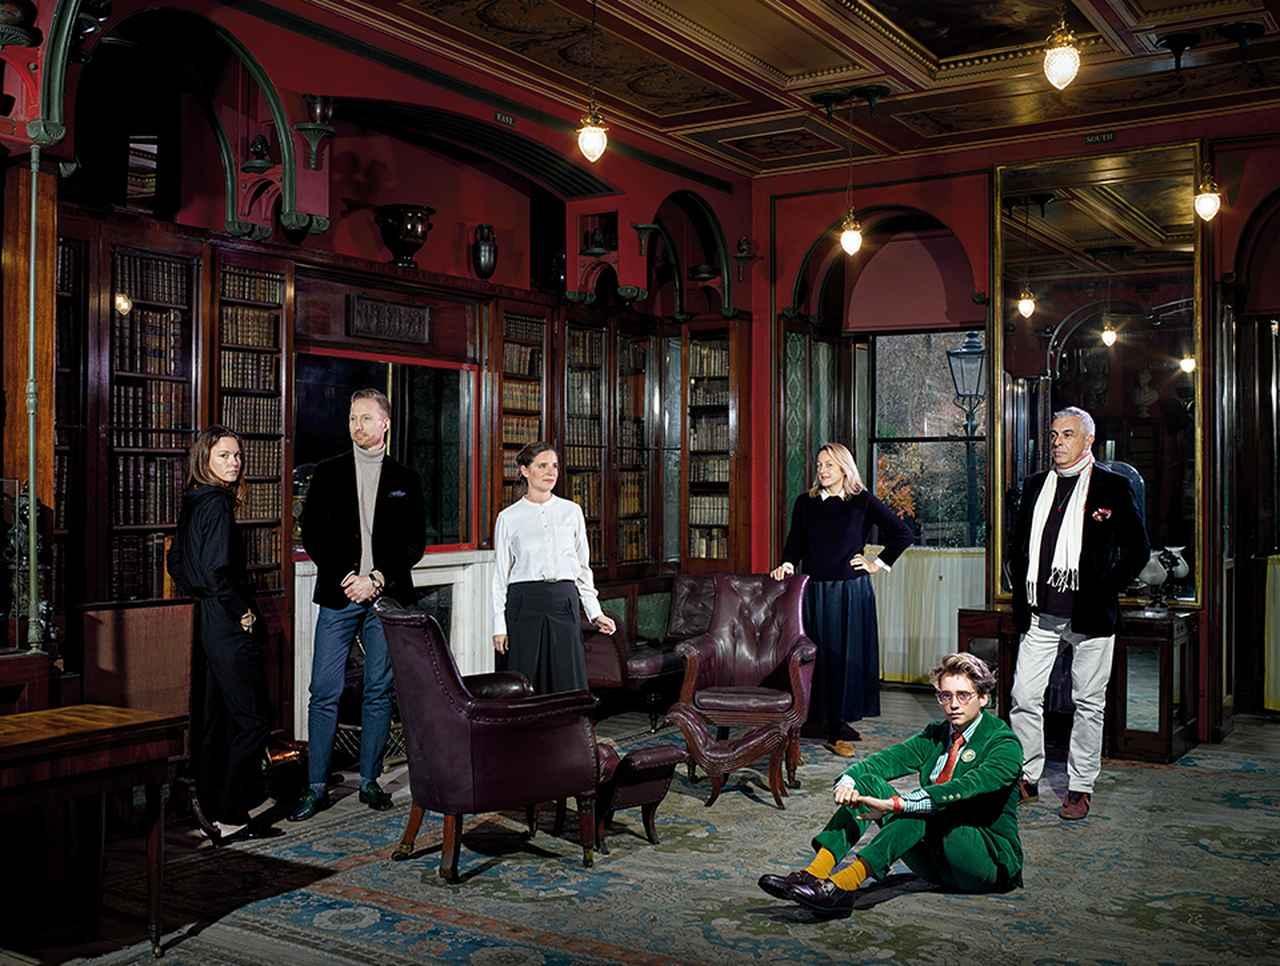 画像: 「サー・ジョン・ソーン博物館」(19世紀の建築家ソーンの自宅だった建物)に、ロンドンを拠点とし、マキシマリストの美意識を体現するデザイナーたちが集まった (左から)フラン・ヒックマン、マーティン・ブルドゥニズキ、ベアタ・ホイマン、リタ・コーニグ、ルーク・エドワード・ホール、そしてリファット・オズベック PORTRAIT SHOT ON LOCATION AT SIR JOHN SOANE'S MUSEUM. PHOTO ASSISTANTS: JOSHUA PAYNE AND JUAN PATINO